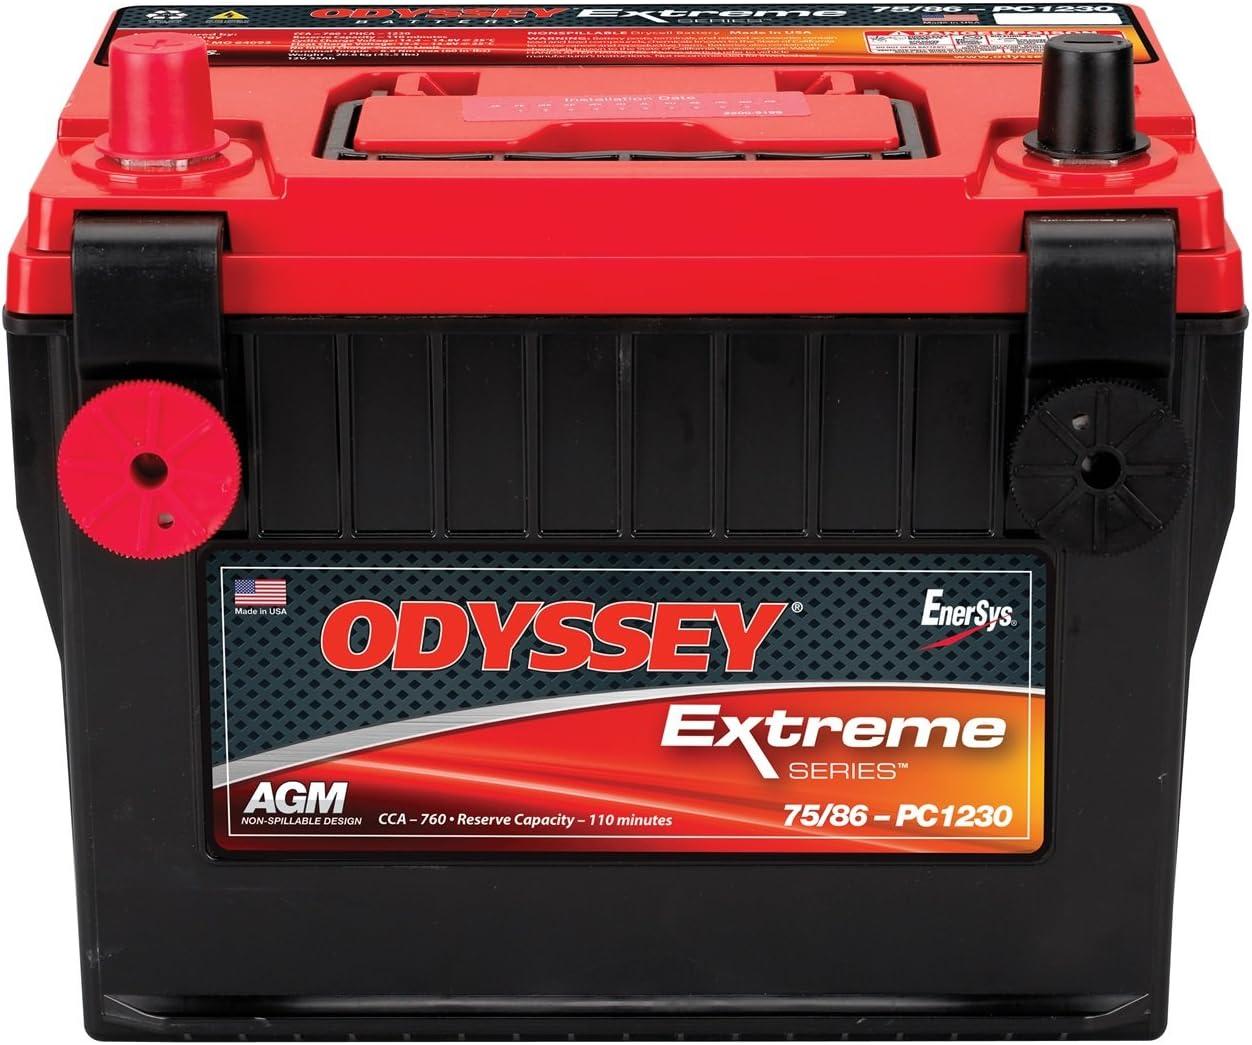 Odyssey PC1230DT Automotive and LTV Battery